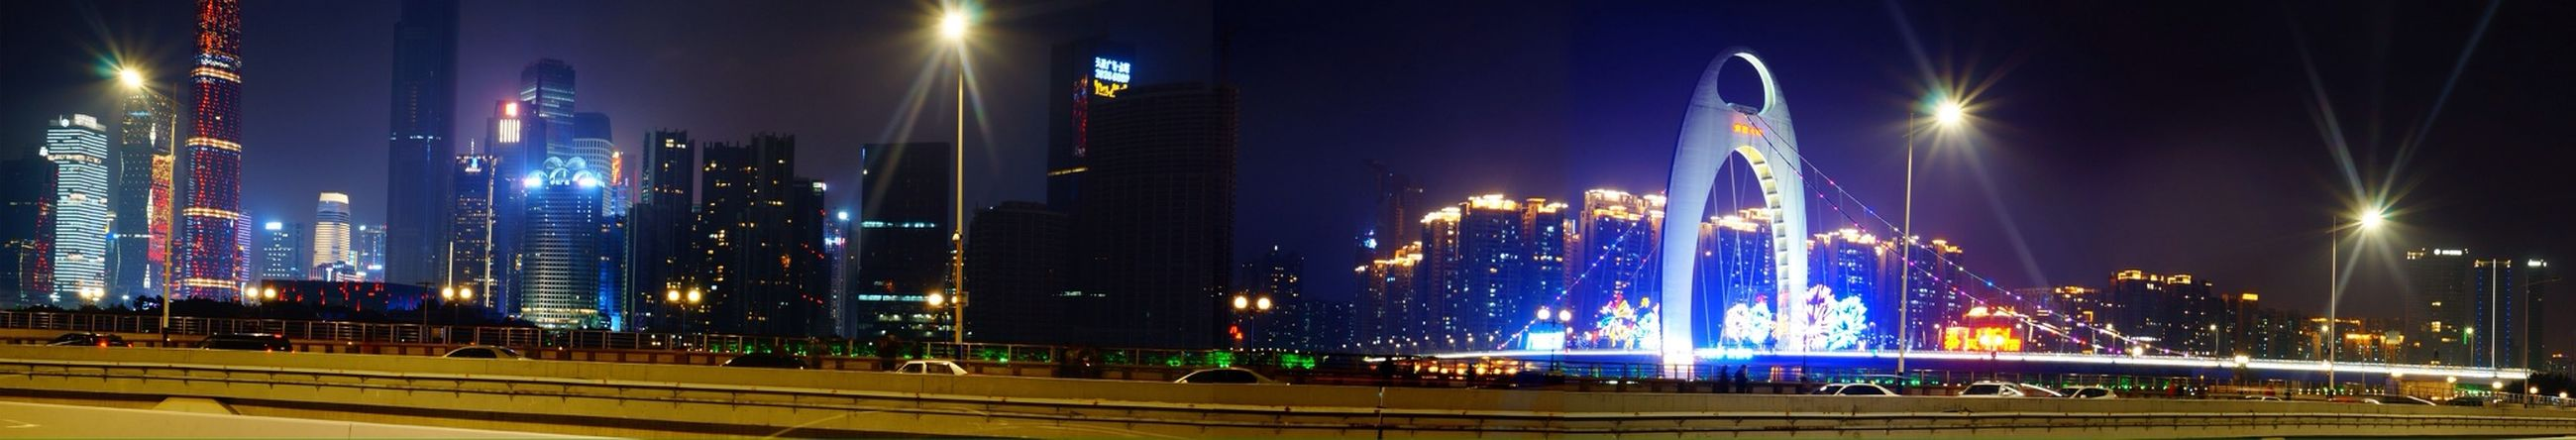 廣州天天都是燈光節 Guangzhou Canton Neversleeps